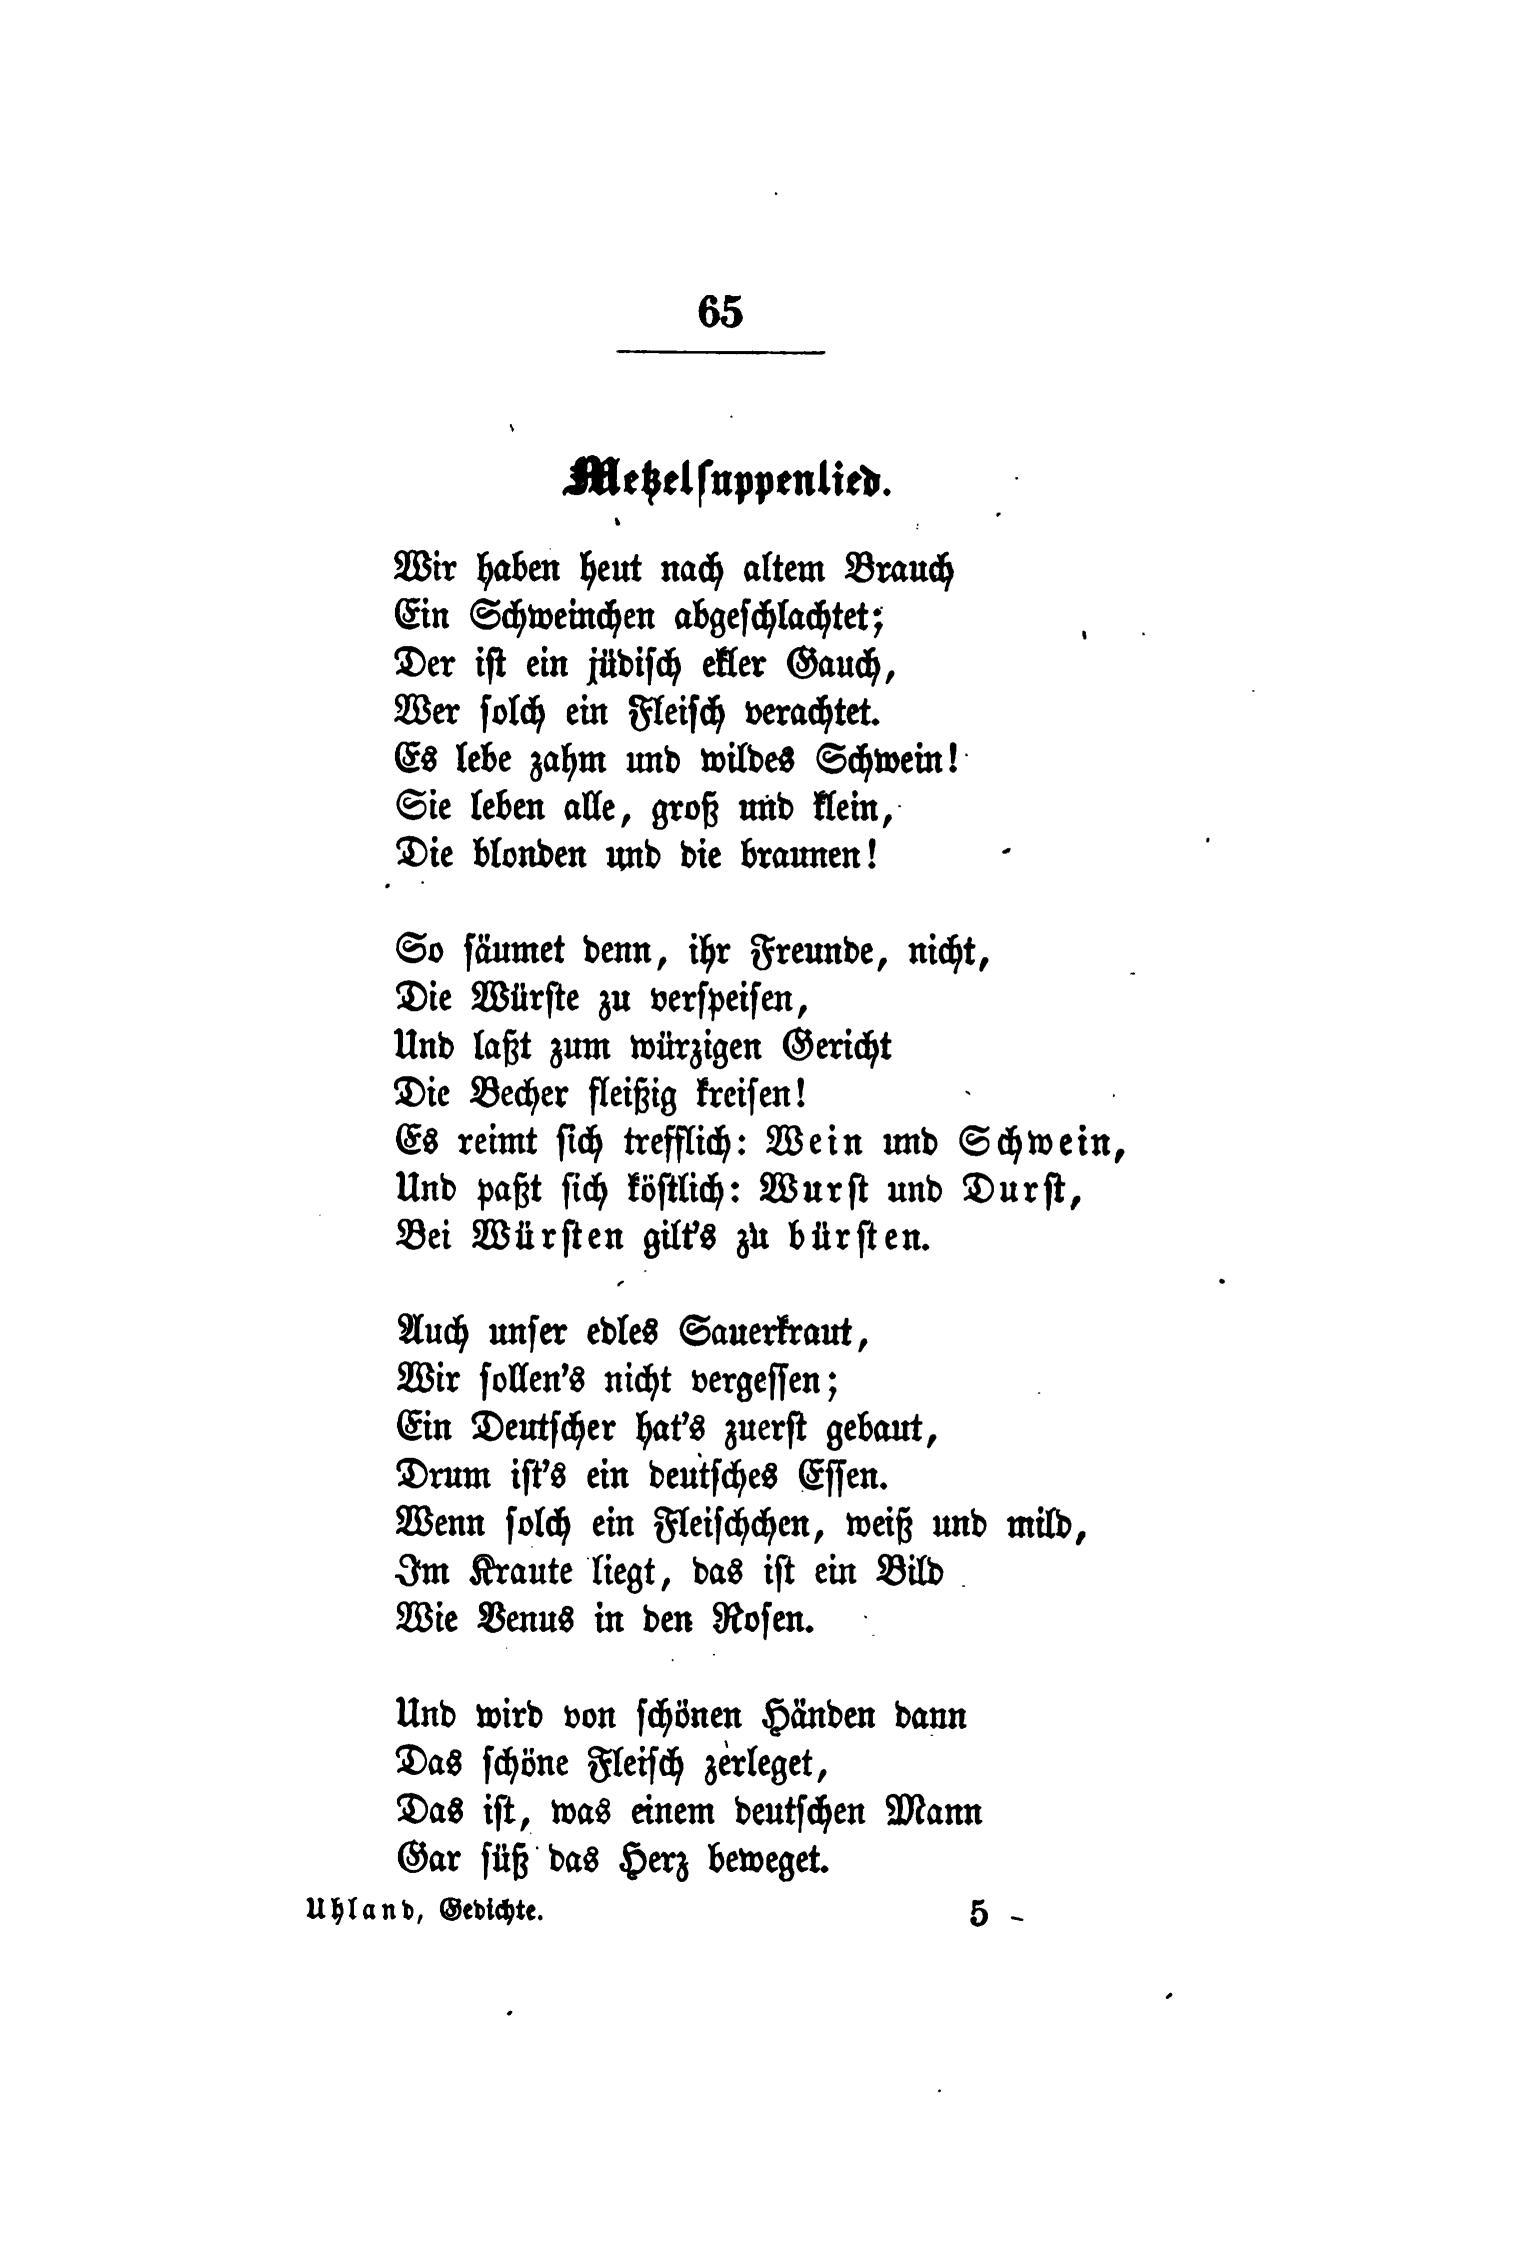 Gedichte zum 30